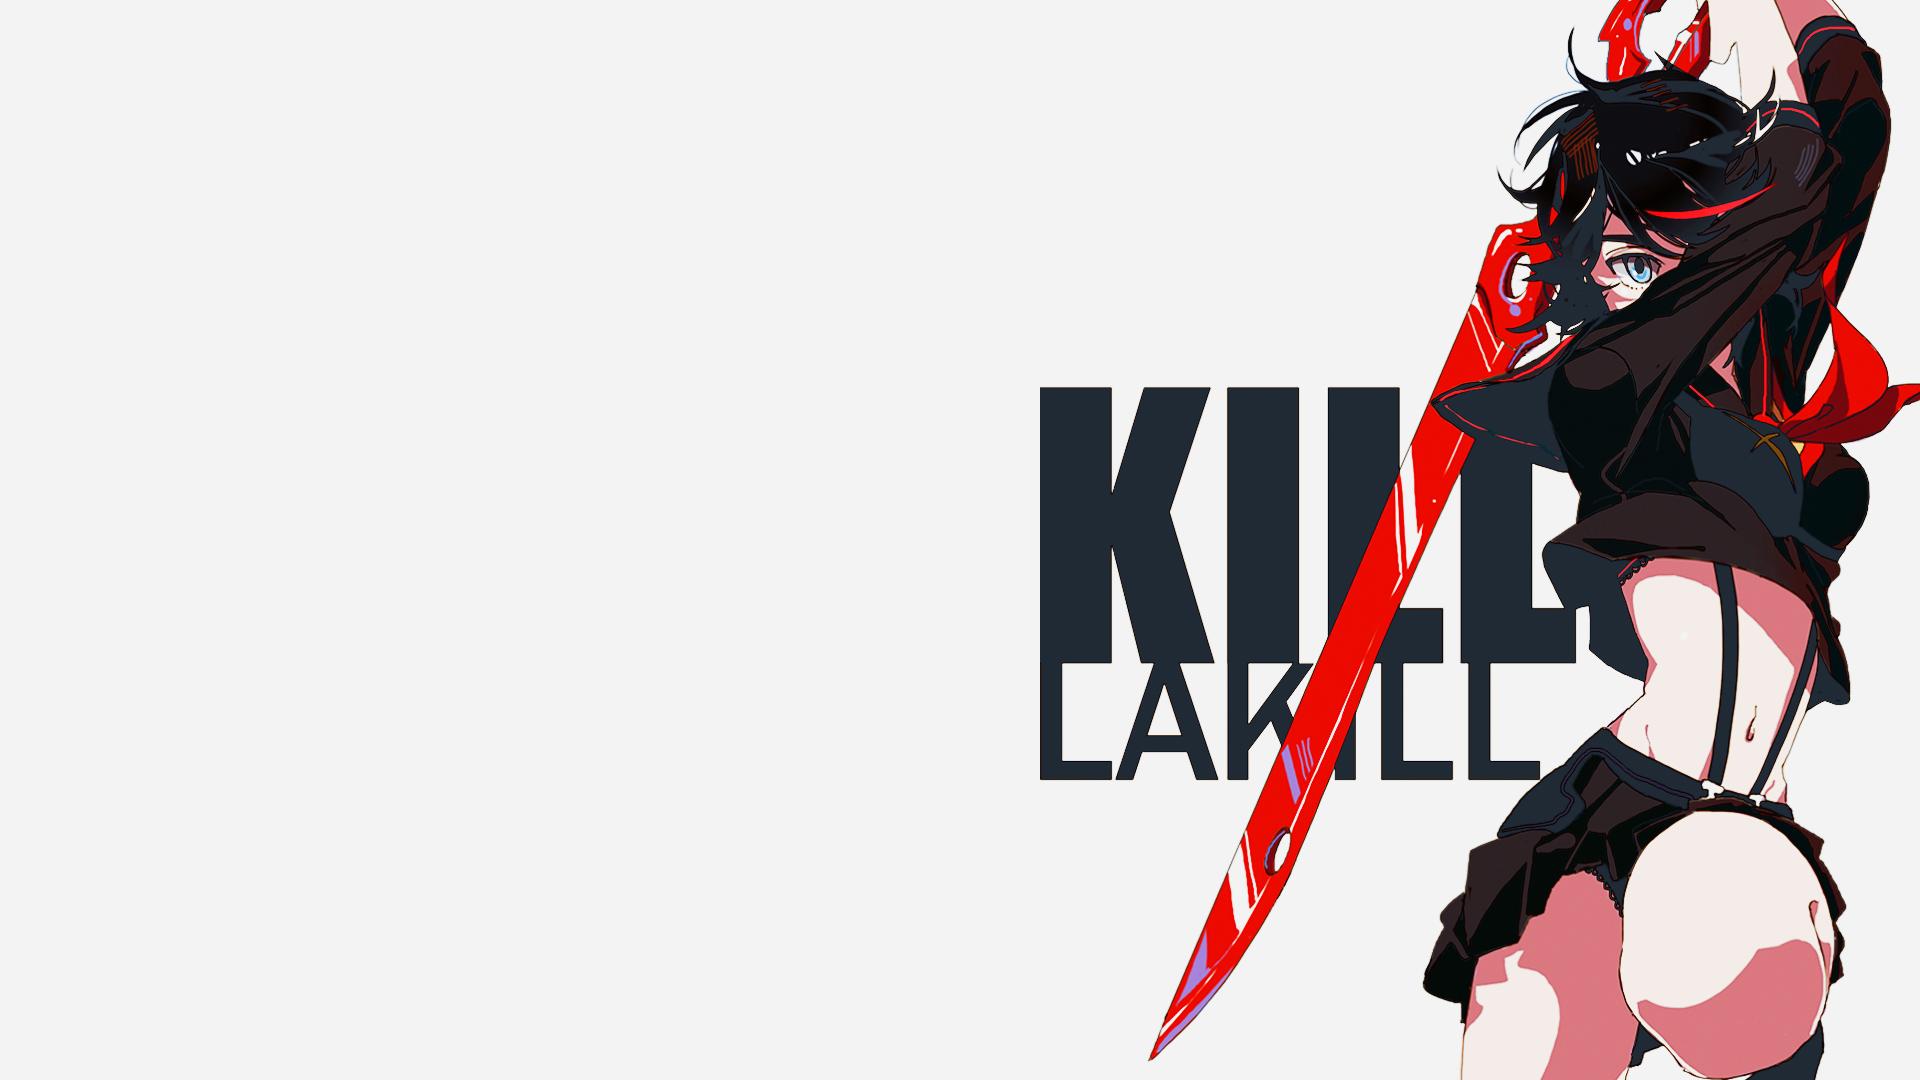 Kill la Kill   Wallpaper 1920x1080 by ArtofKillian on deviantART 1920x1080